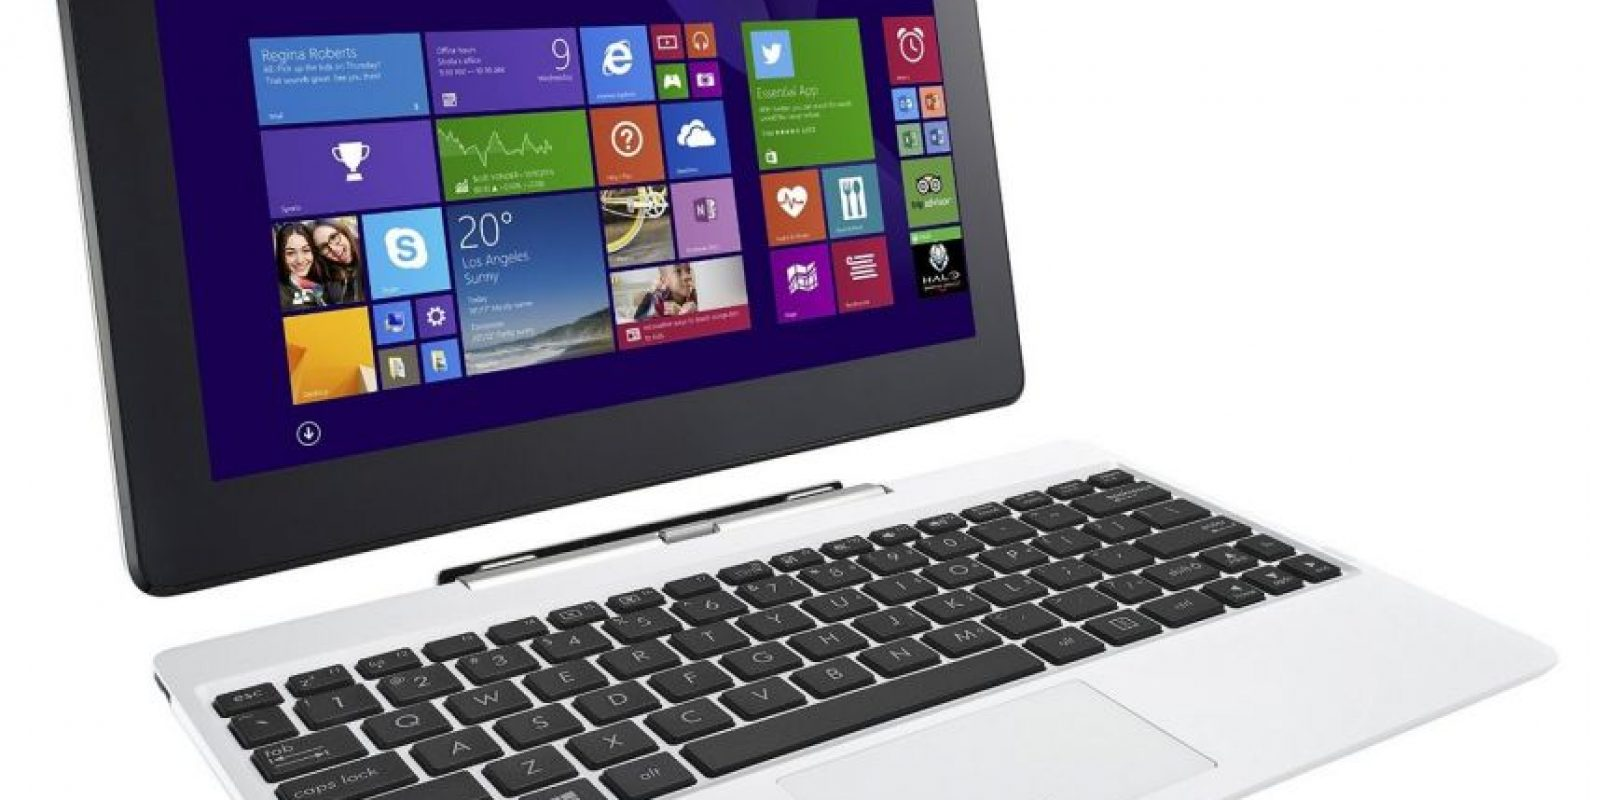 Este dispositivo es un equipo notebook dos en uno que se convierte en una tablet con Windows 8.1, tiene incluido Microsofot Office, su procesador es un Intel Atom Quad Core Bay Trail-T Z3740, pantalla multitouch de 10.1 pulgadas, 2GB de memoria RAM y ranura para microSD de 32 o 64GB. Foto:Asus